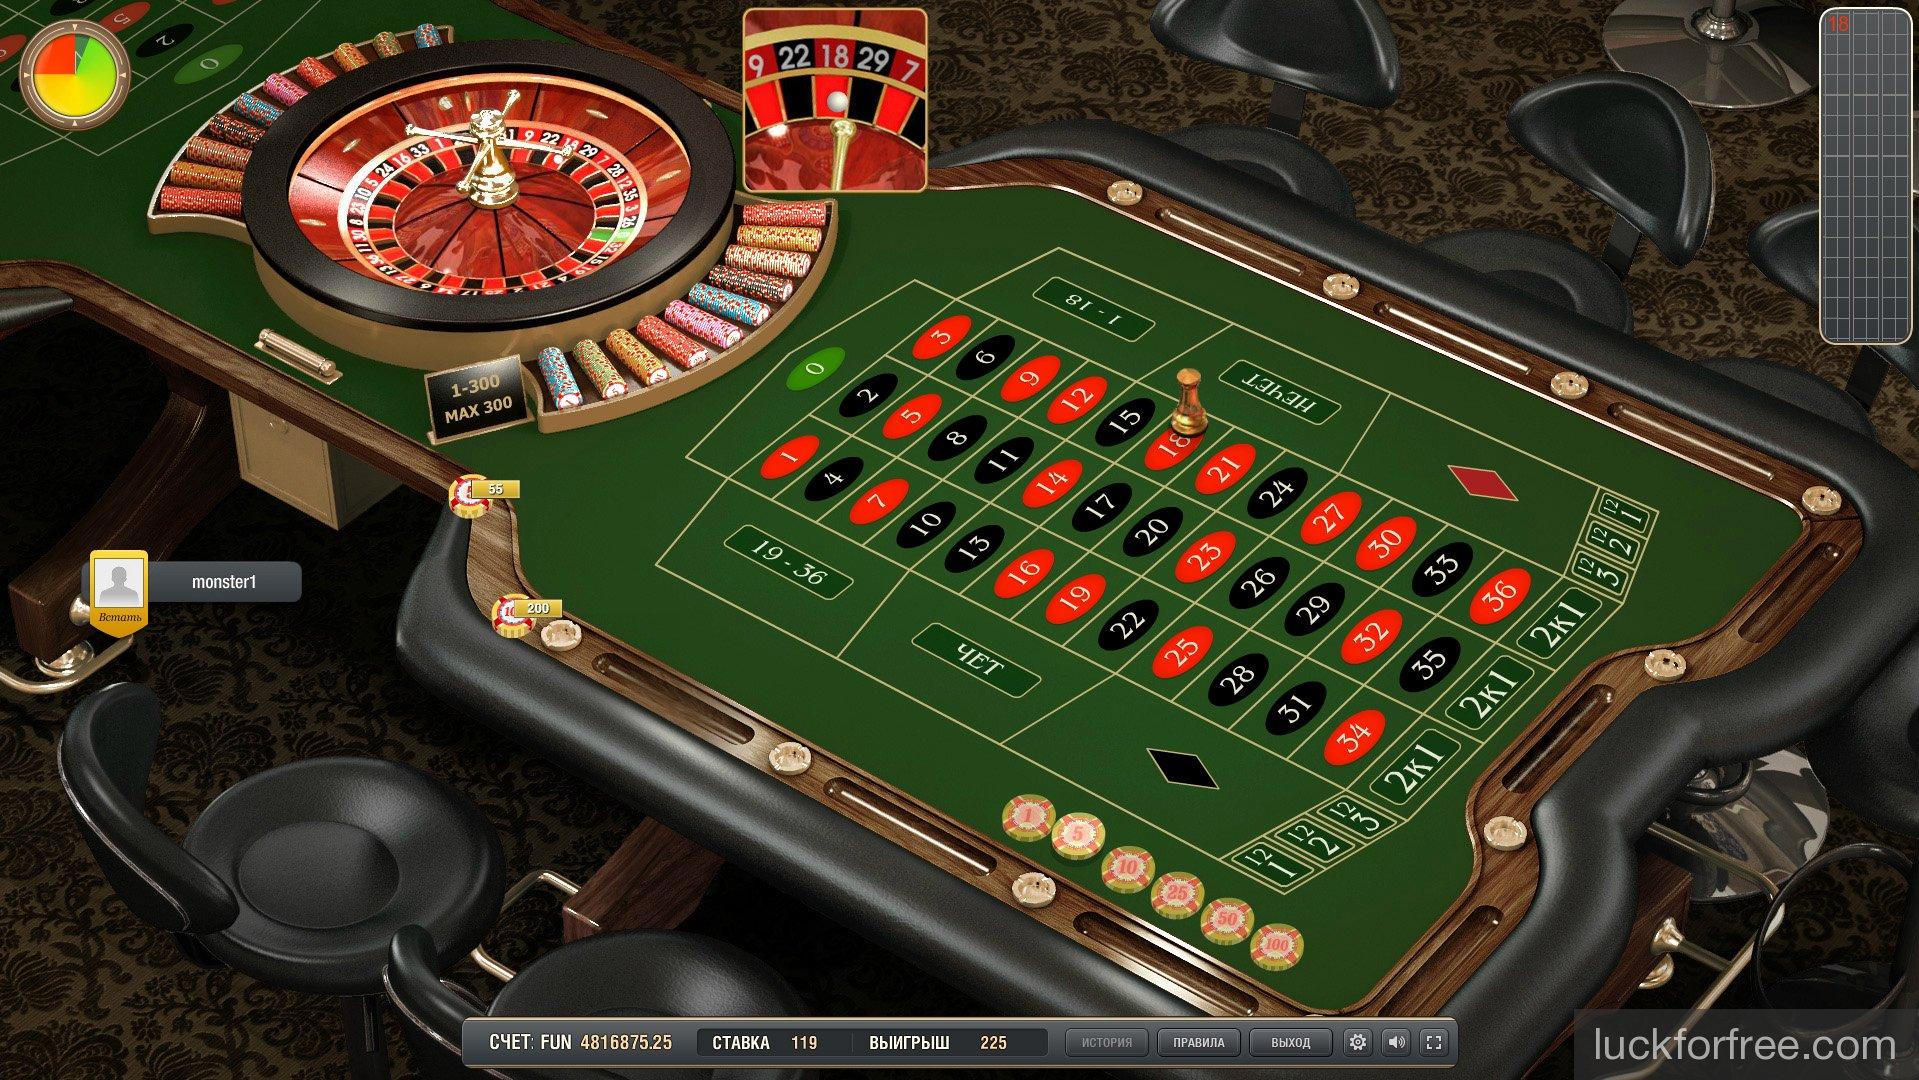 Симулятивные игровые автоматы чат рулетка русский онлайн бесплатно